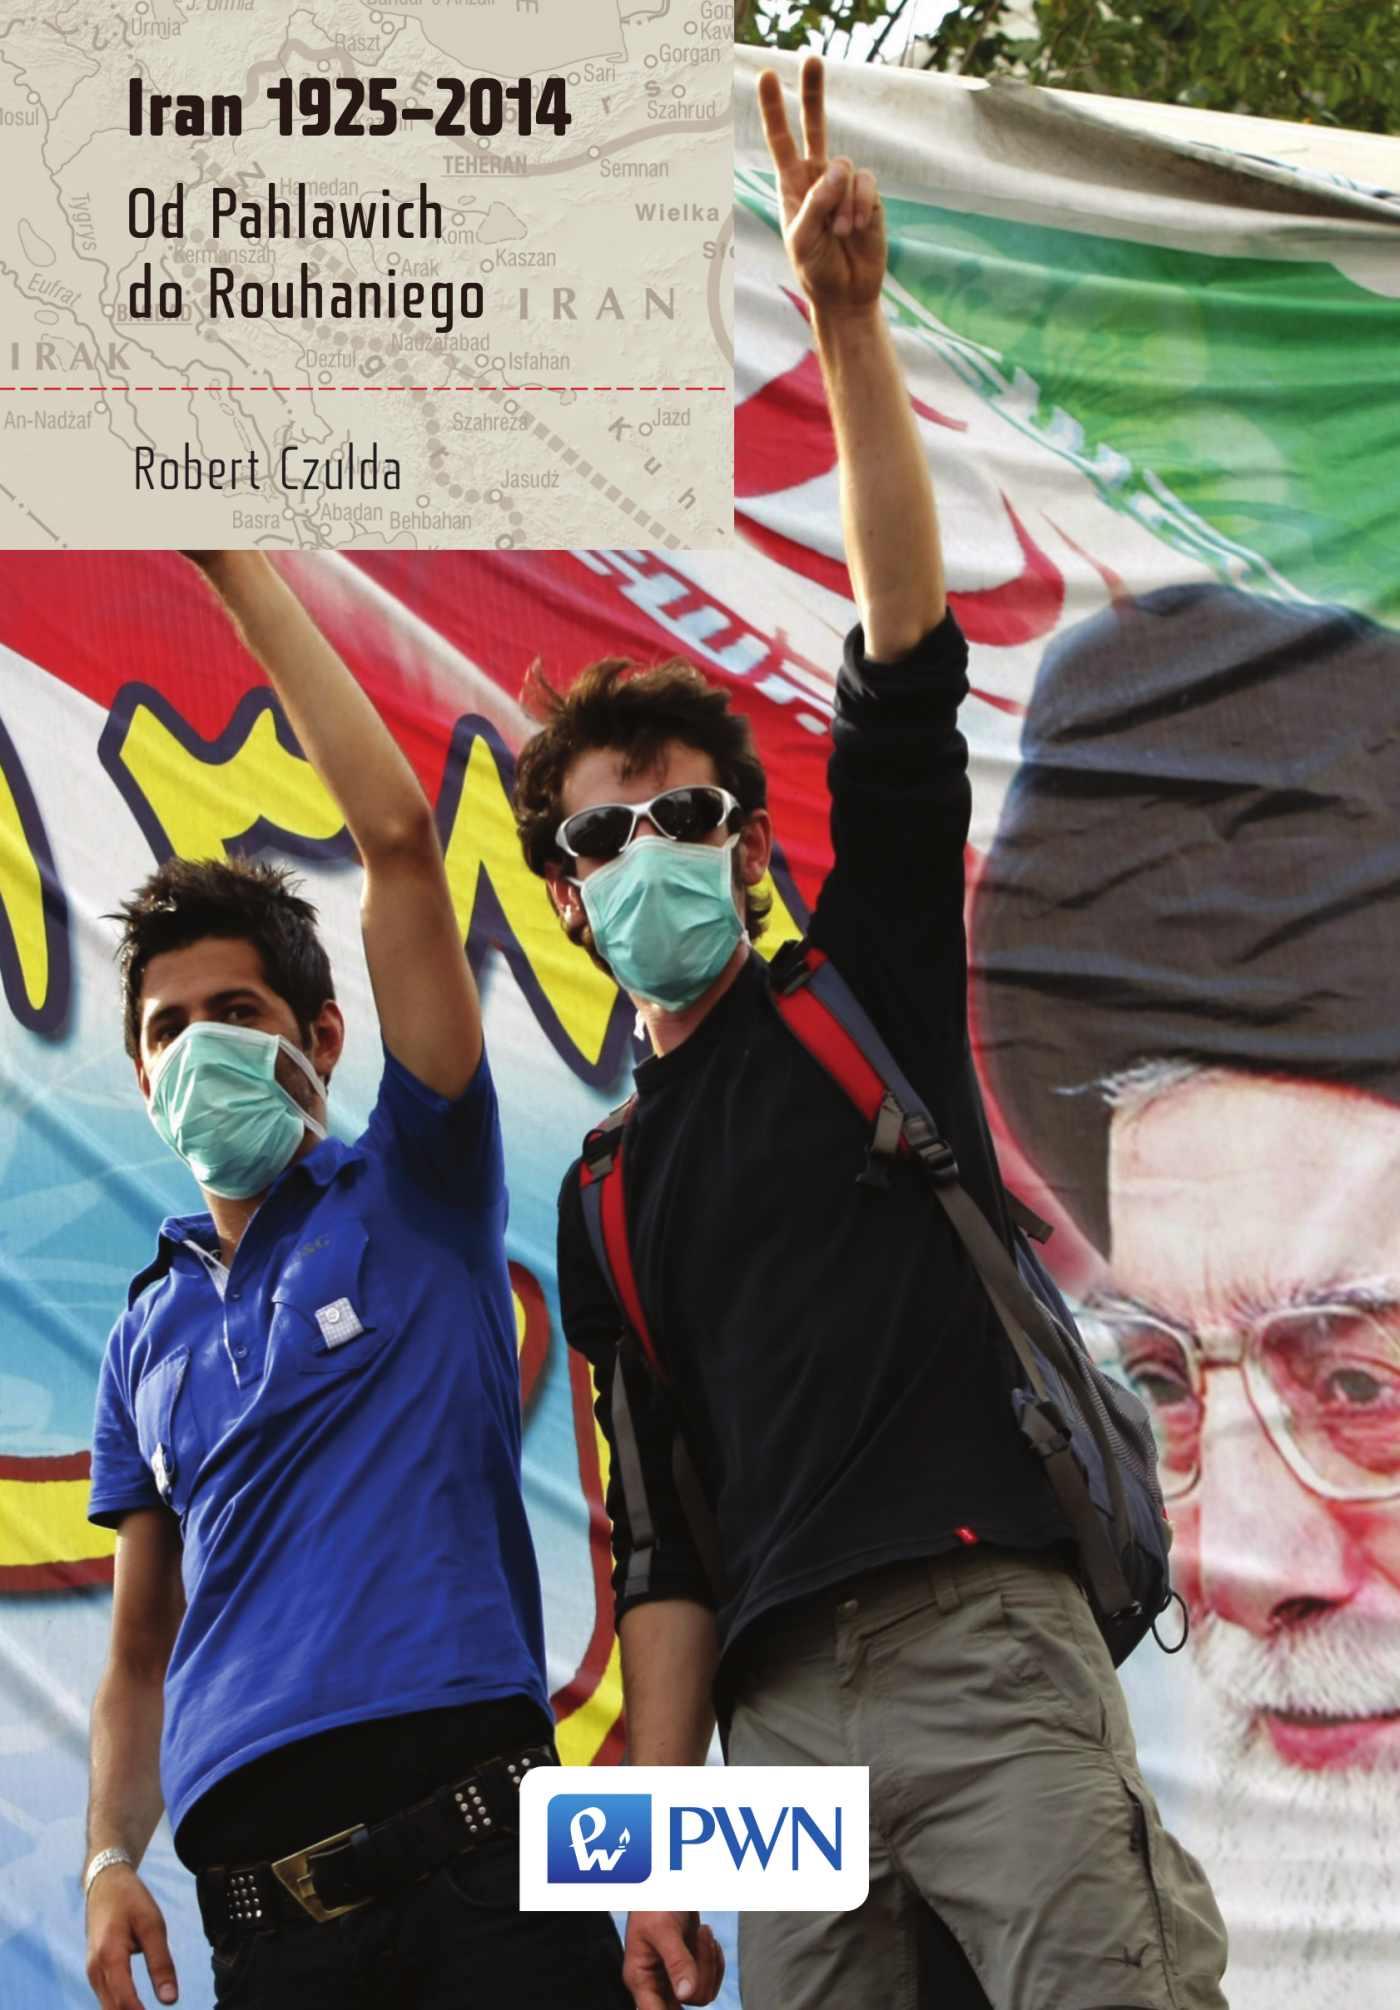 Iran 1925-2014. Od Pahlawich do Rouhaniego - Ebook (Książka na Kindle) do pobrania w formacie MOBI